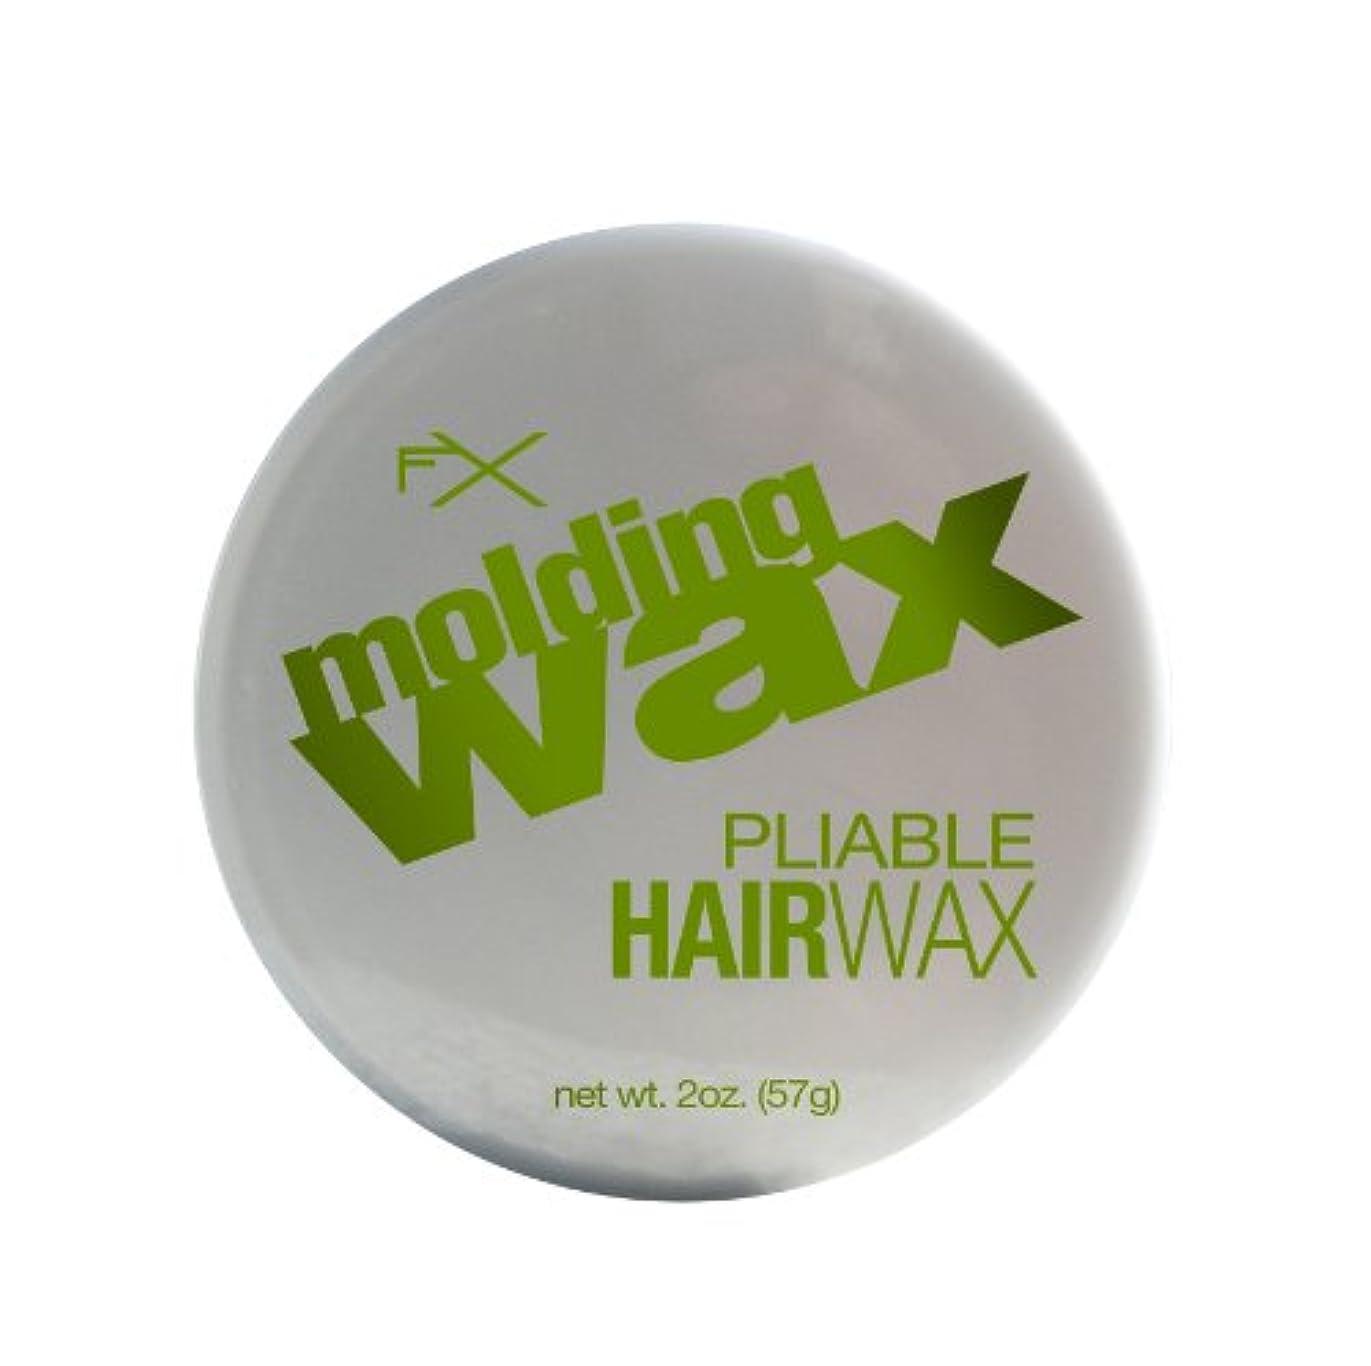 研究所デンマークメタルラインしっかりスタイルヘアワックス 59ml (並行輸入品)